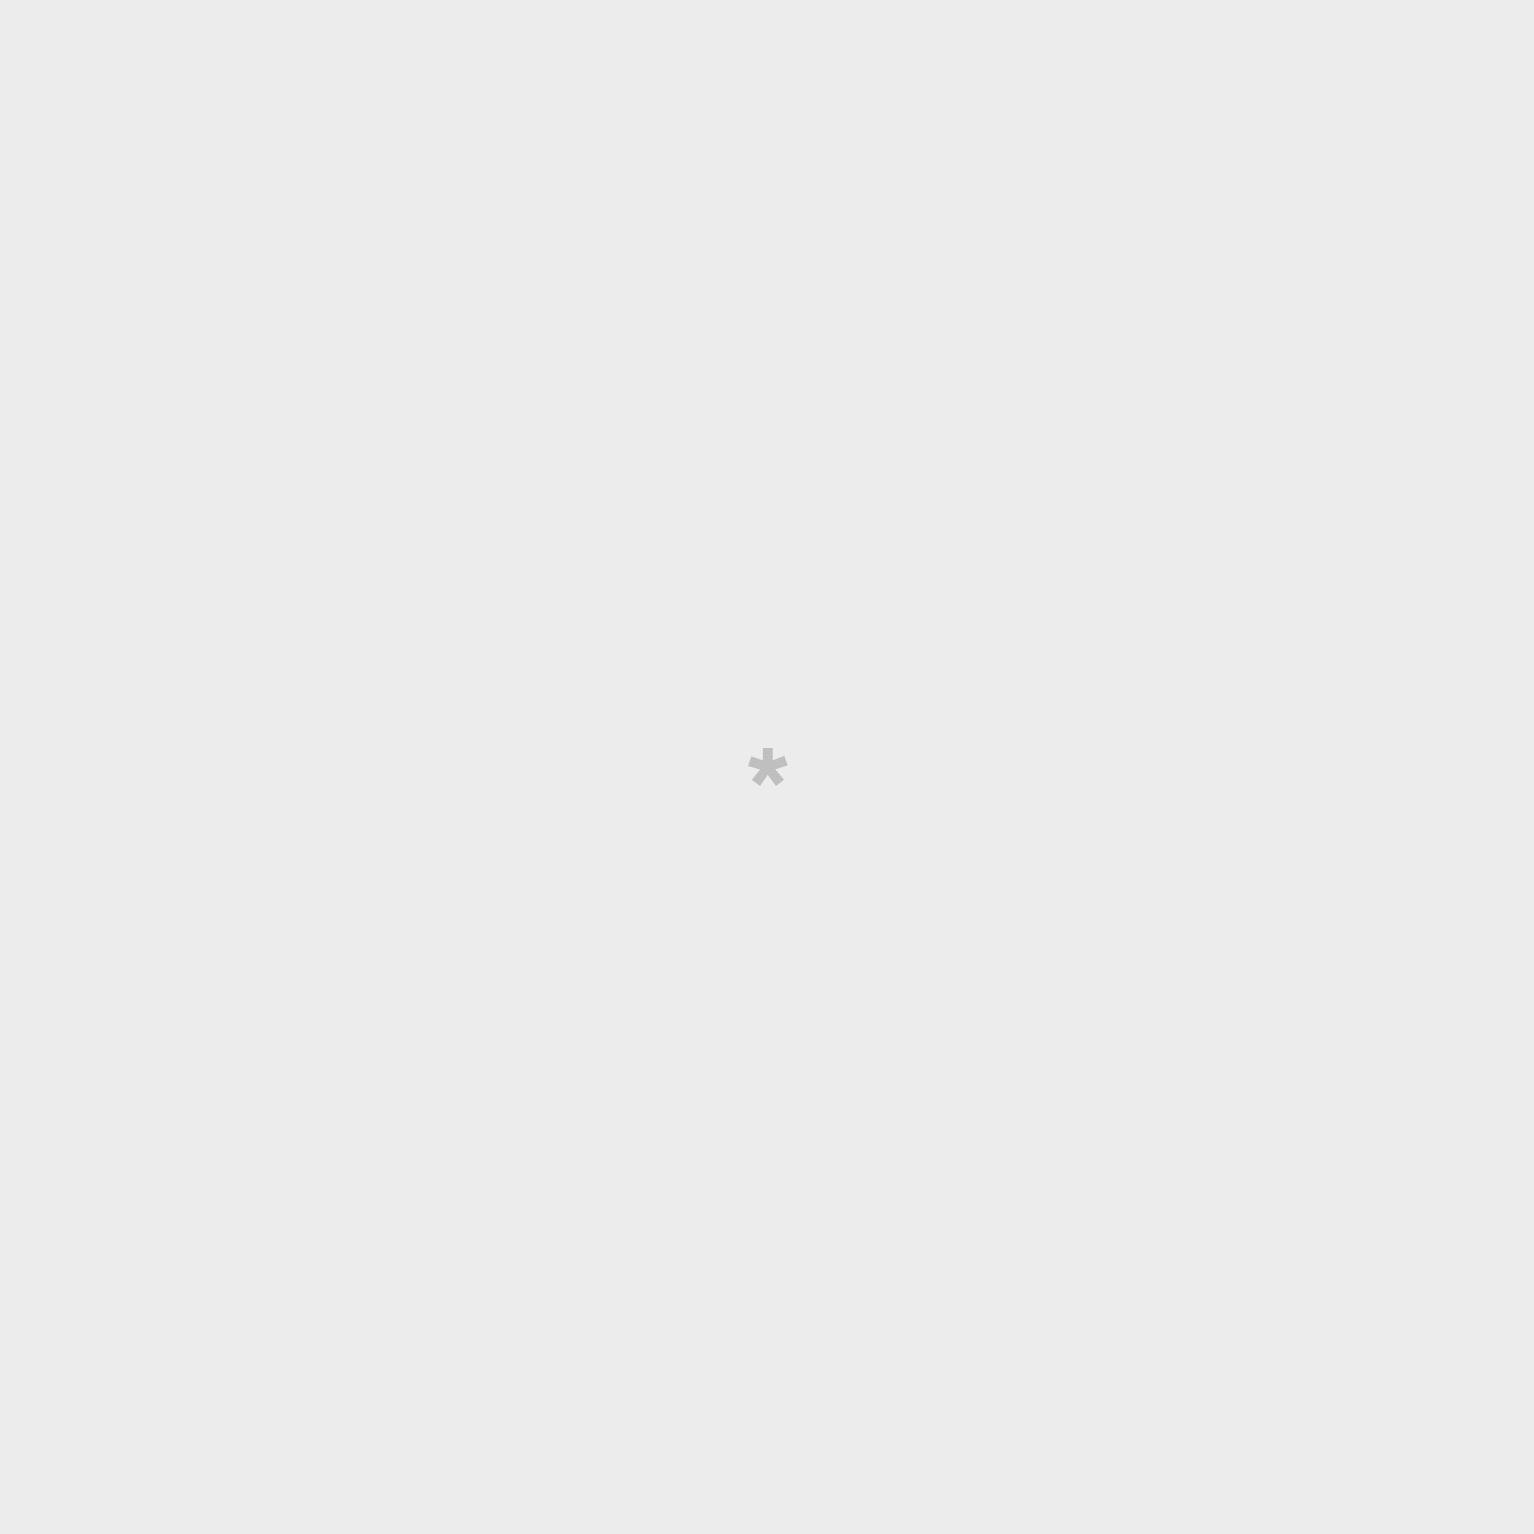 Libreta con mensajes positivos - The Powerful Collection